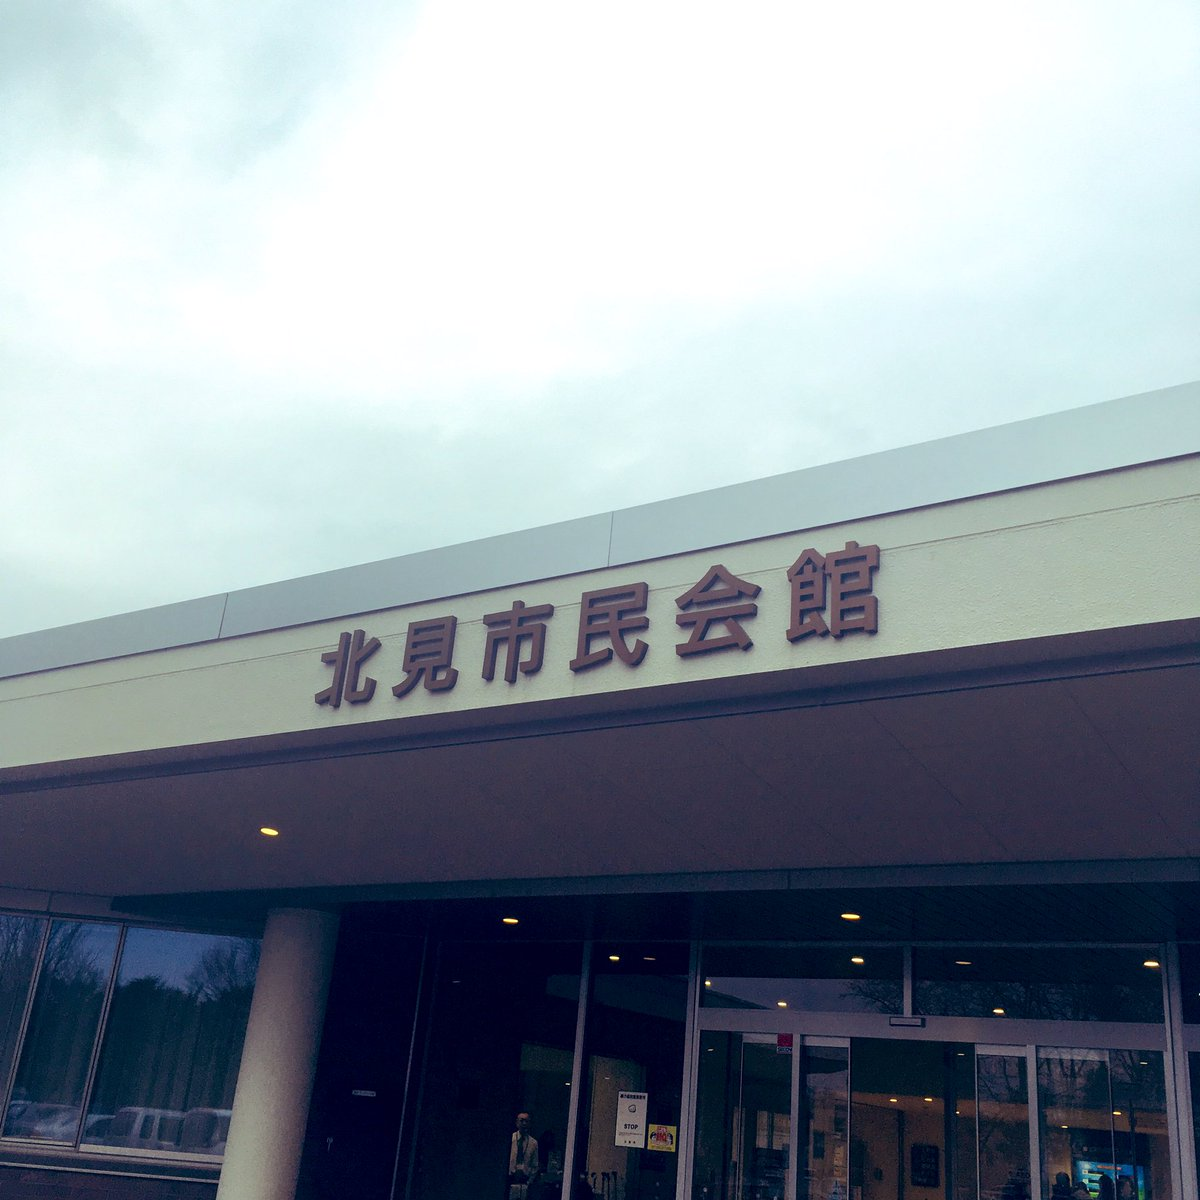 test ツイッターメディア - 氣志團ホールツアー9参戦め!北海道北見! https://t.co/CQT3UoVqha